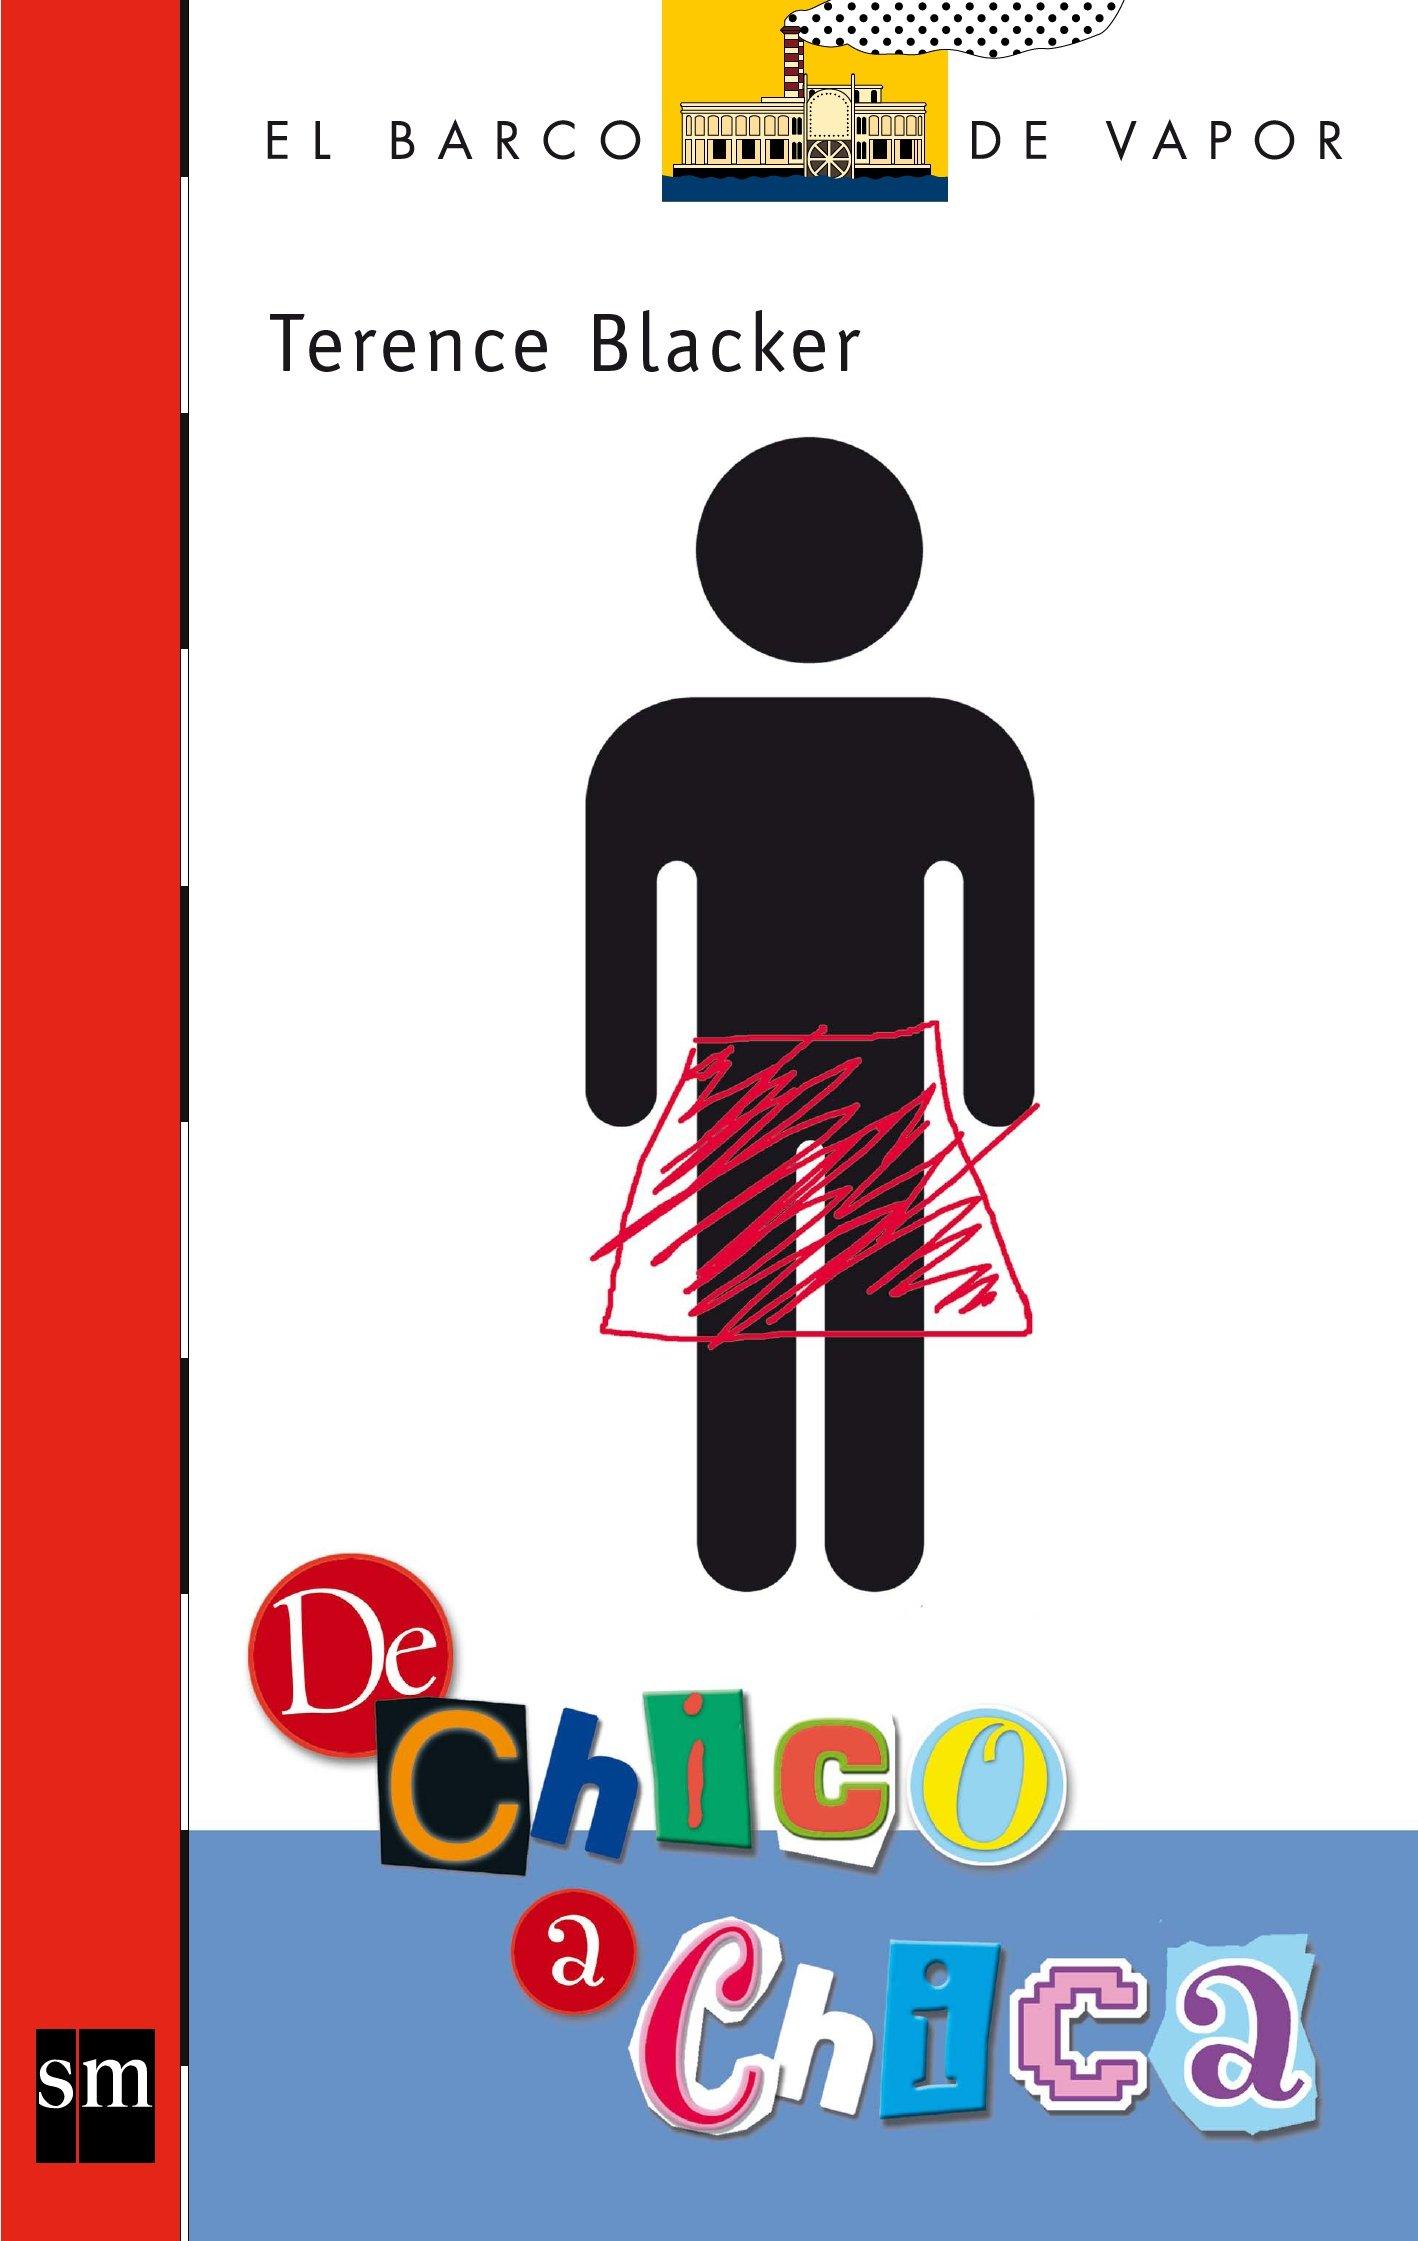 De chico a chica (El Barco de Vapor Roja): Amazon.es: Terence Blacker, Isabel González-Gallarza Granizo: Libros